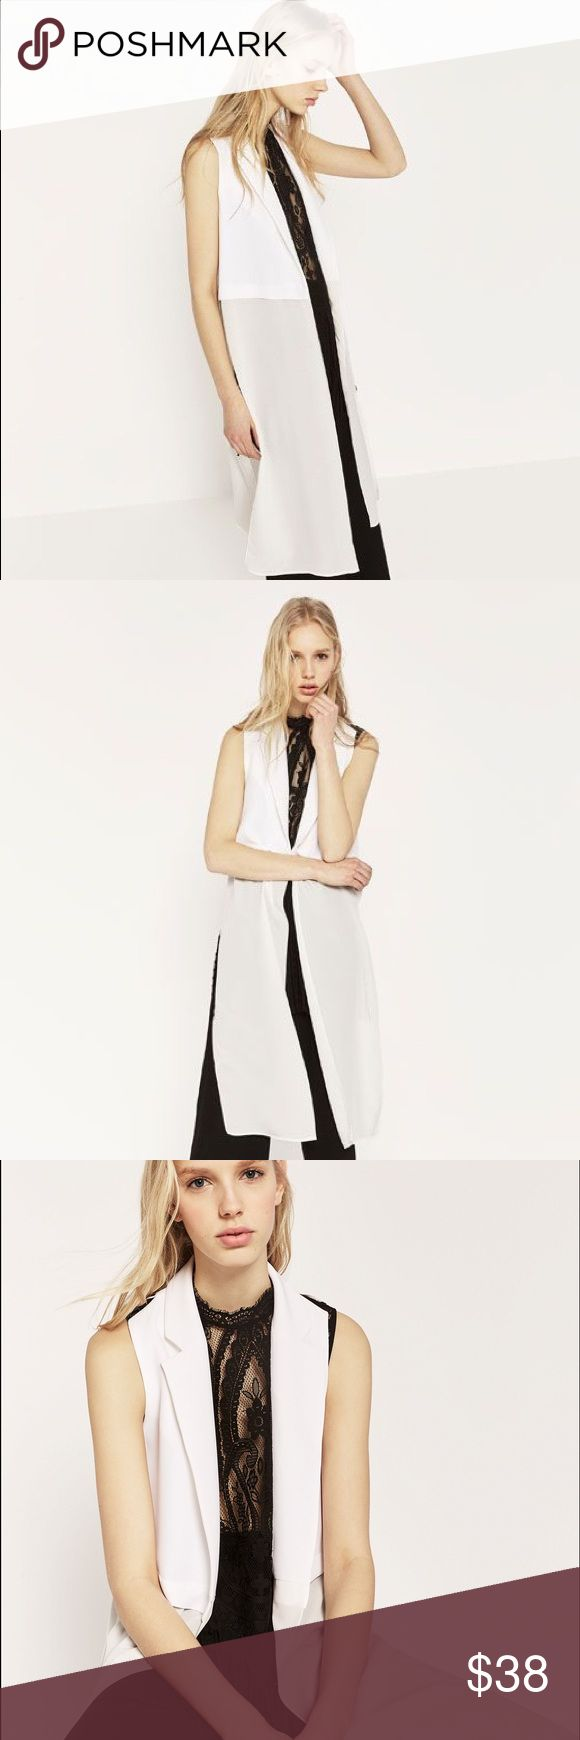 Zara Long Waistcoat Zara long combined waistcoat in white. Size Small. Worn once ❤❤ Zara Jackets & Coats